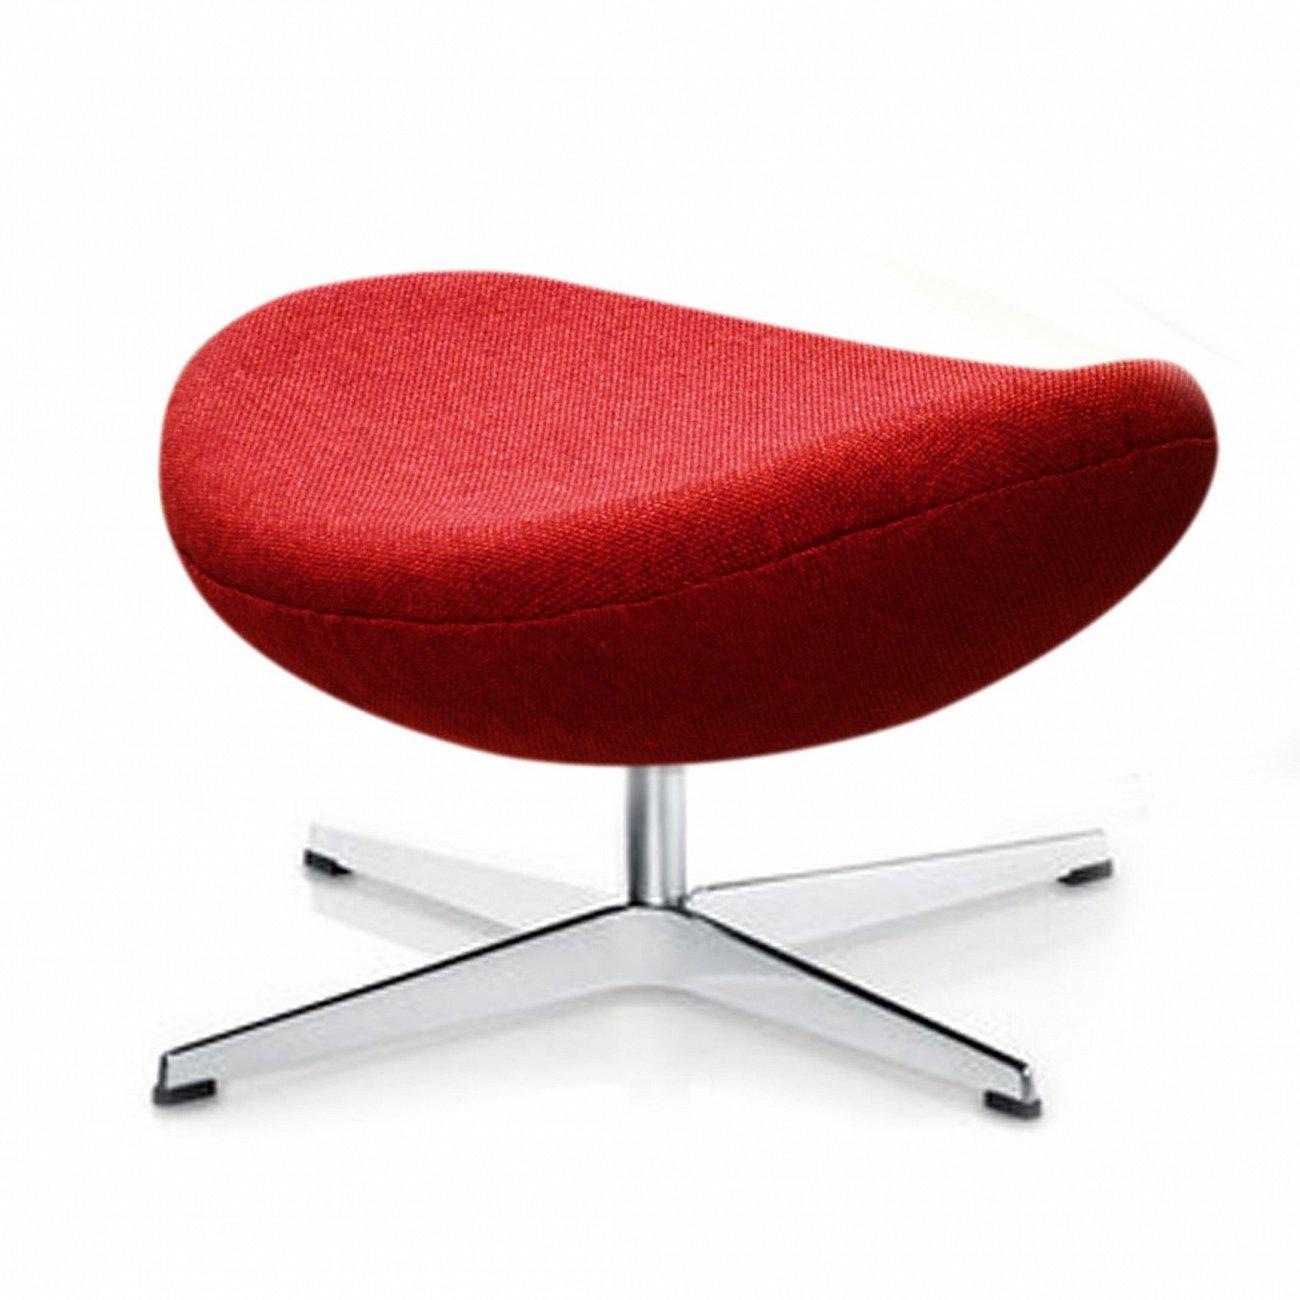 Купить Оттоманка ottoman Мальта Красная 100% Кашемир в интернет магазине дизайнерской мебели и аксессуаров для дома и дачи